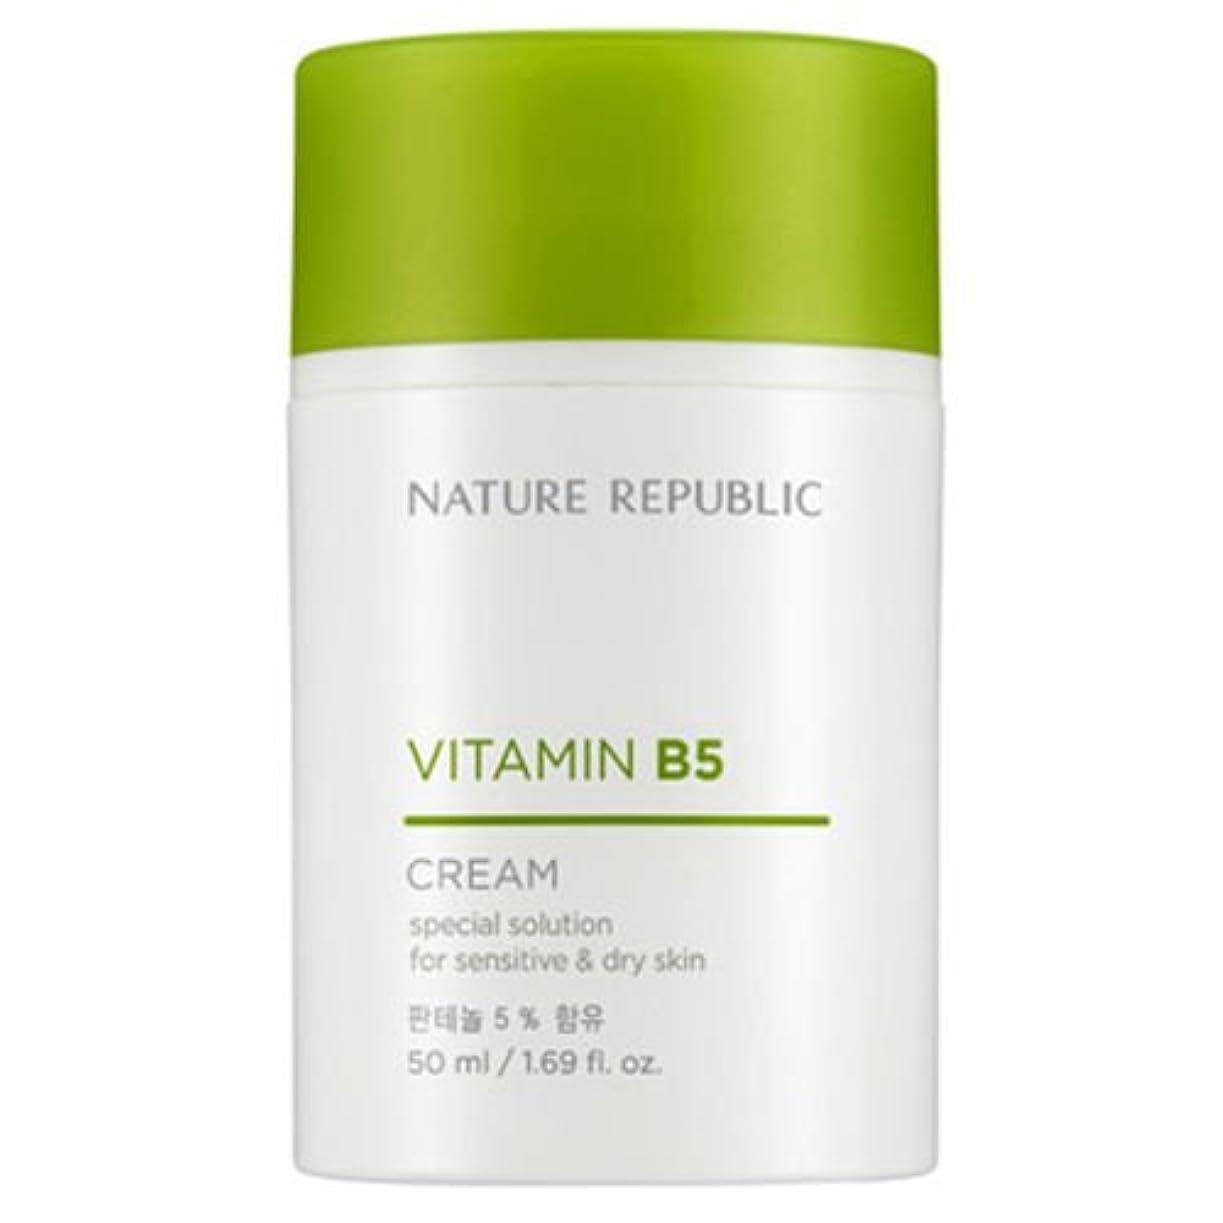 快適私前述のNATURE REPUBLIC Vitamin B5 Series [並行輸入品] (Cream)